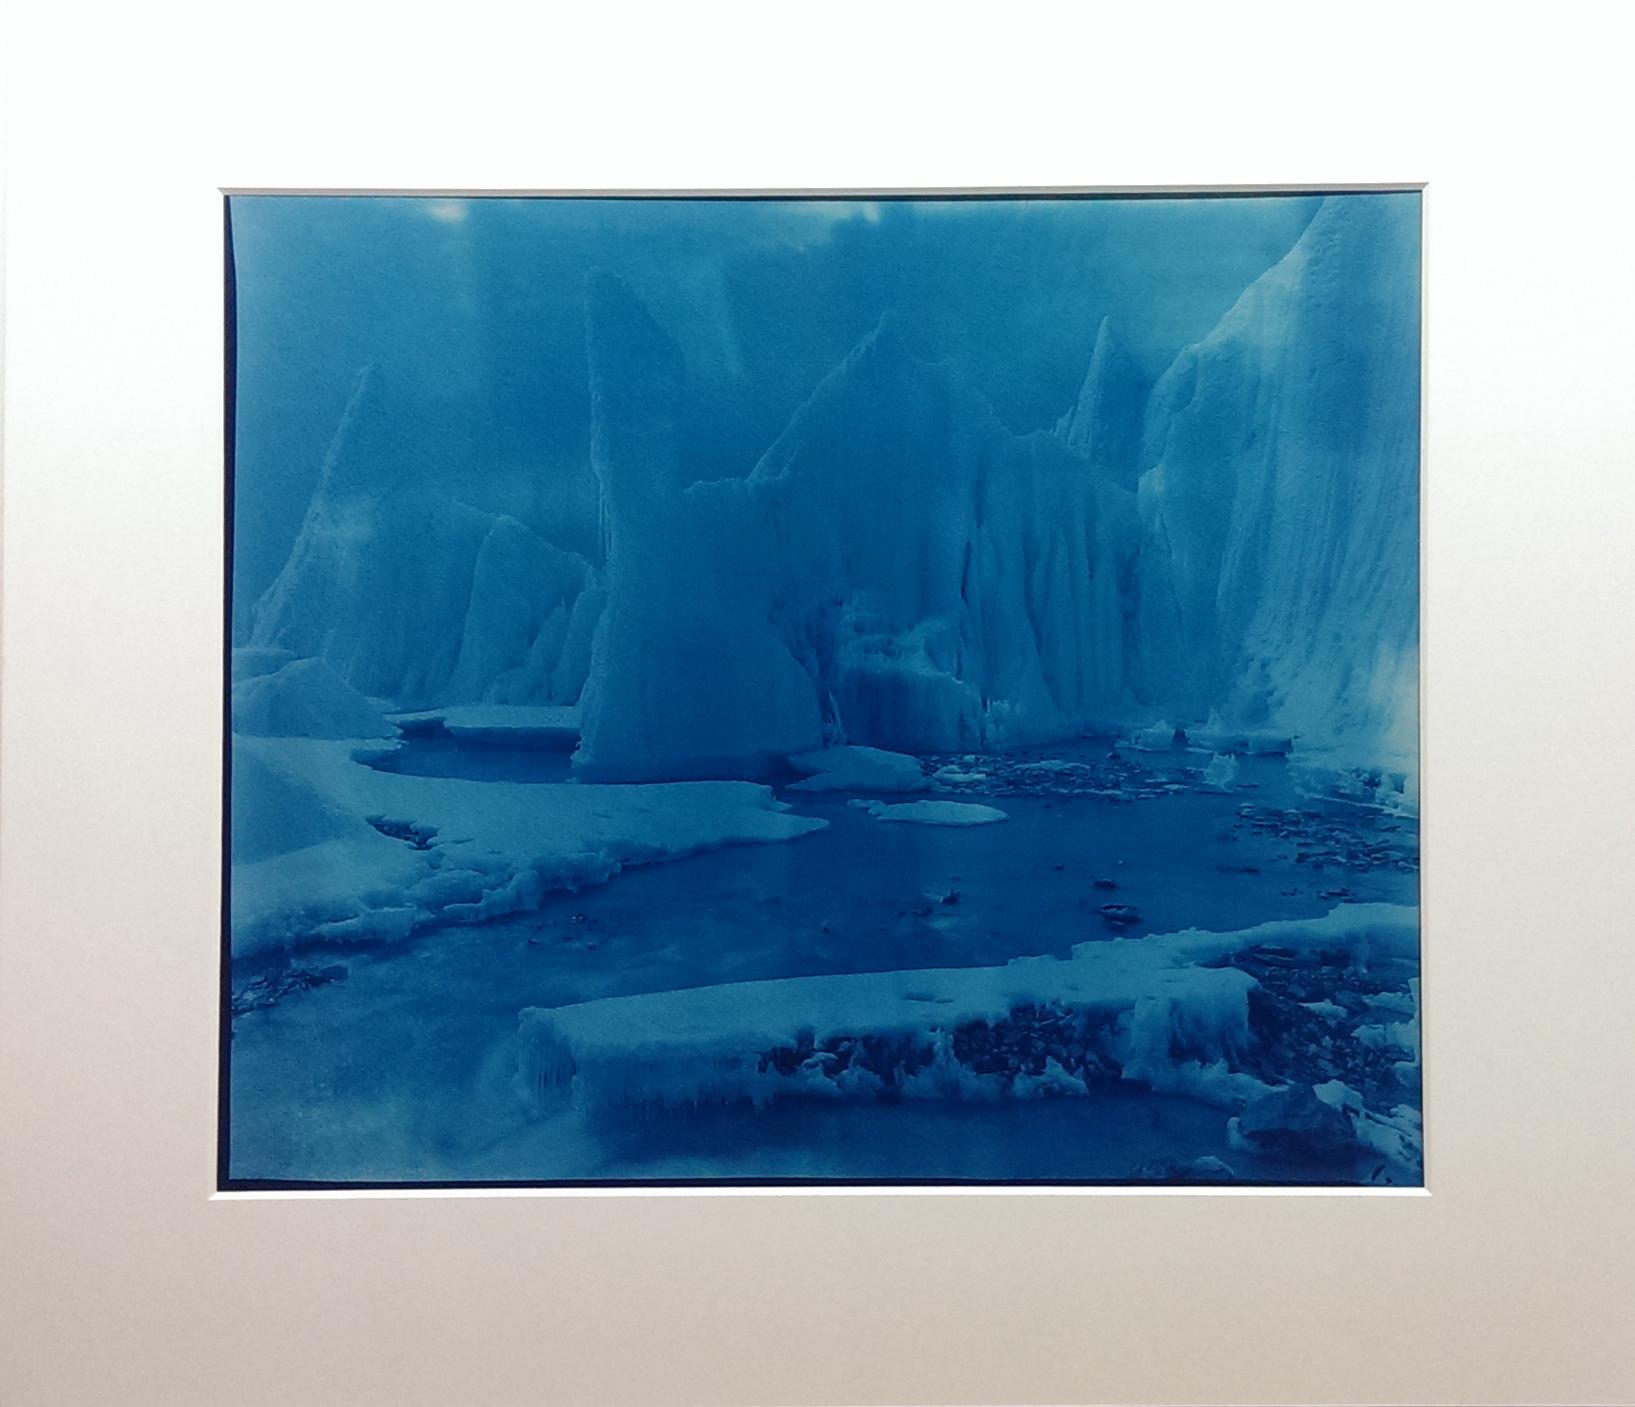 Glacier No. 14